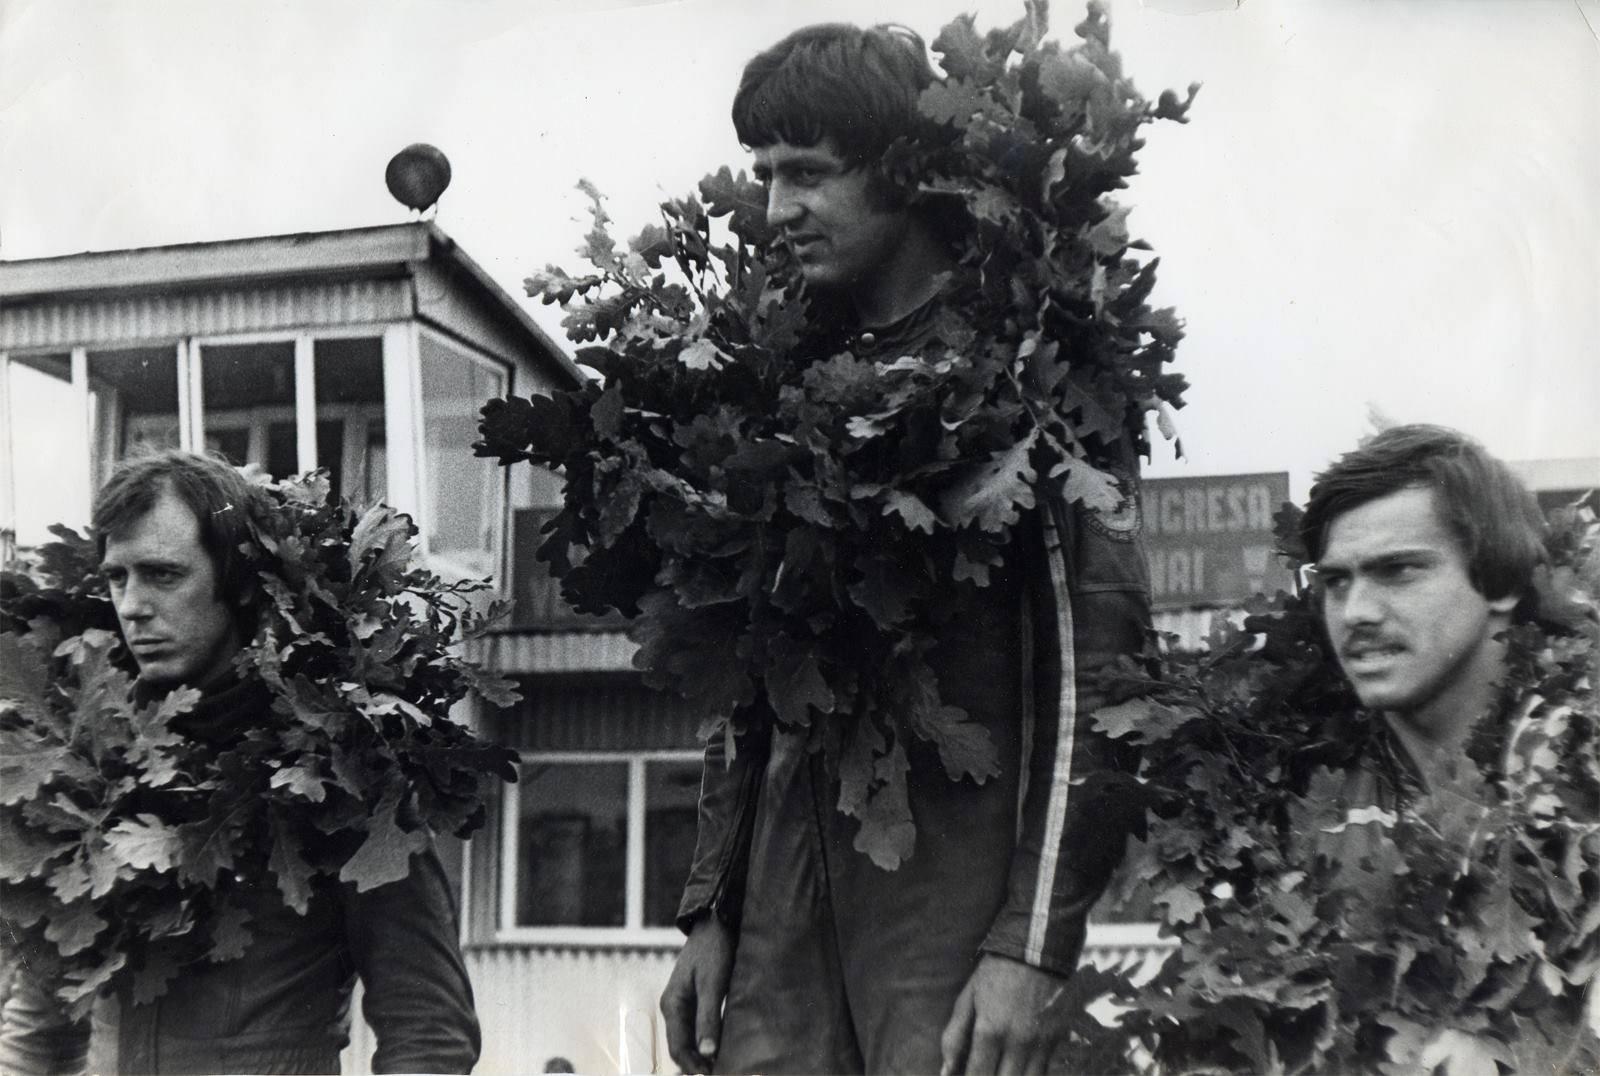 Pohár míru a přátelství Riga 1980, zprava Jiří Sedlář, Milan Šimák a Rus Rjabčikov